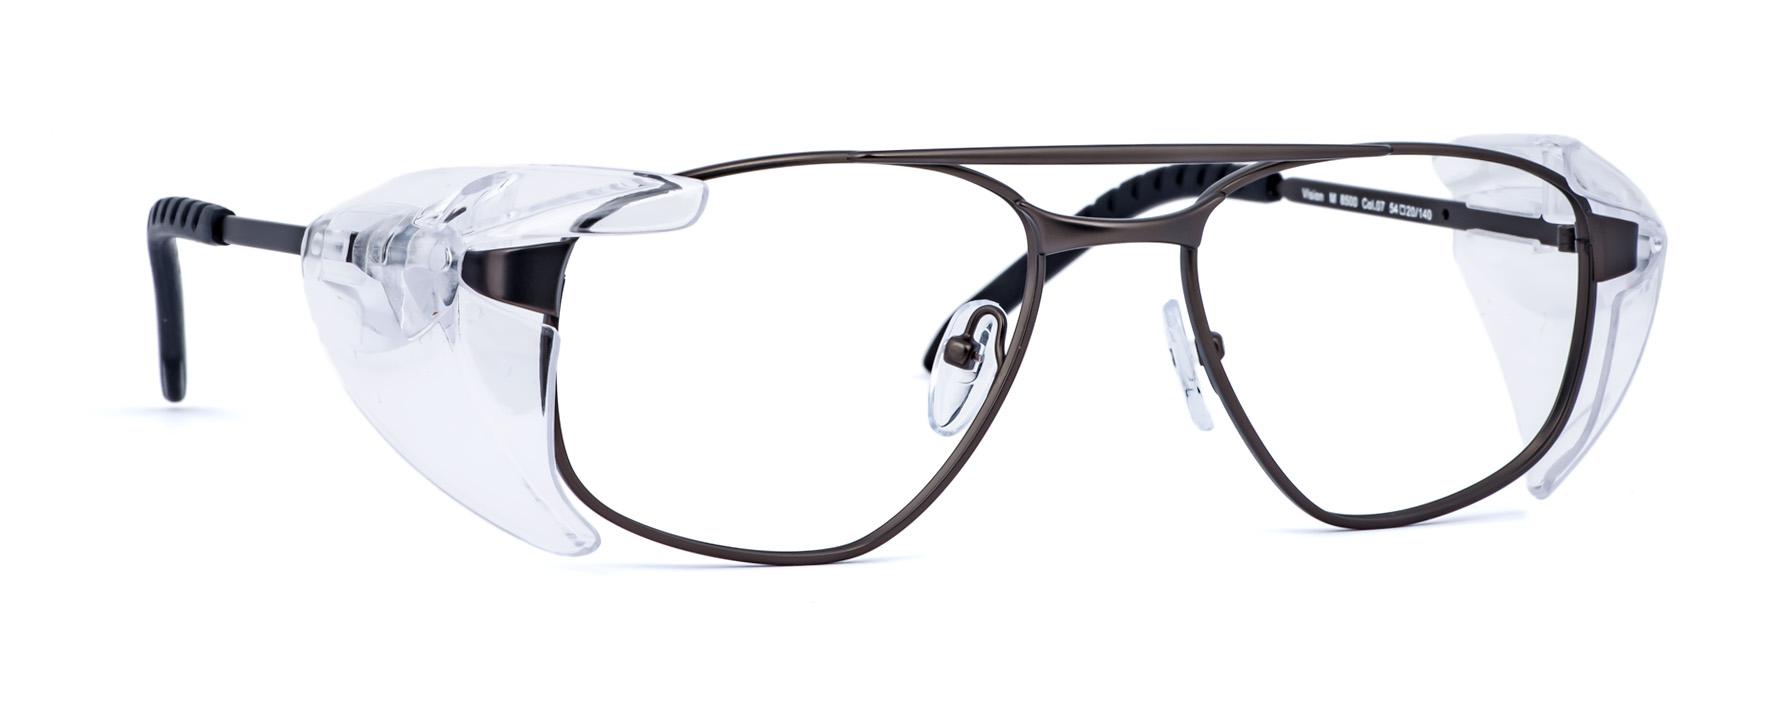 8500-07-5400-VISION-M-8500-Olive